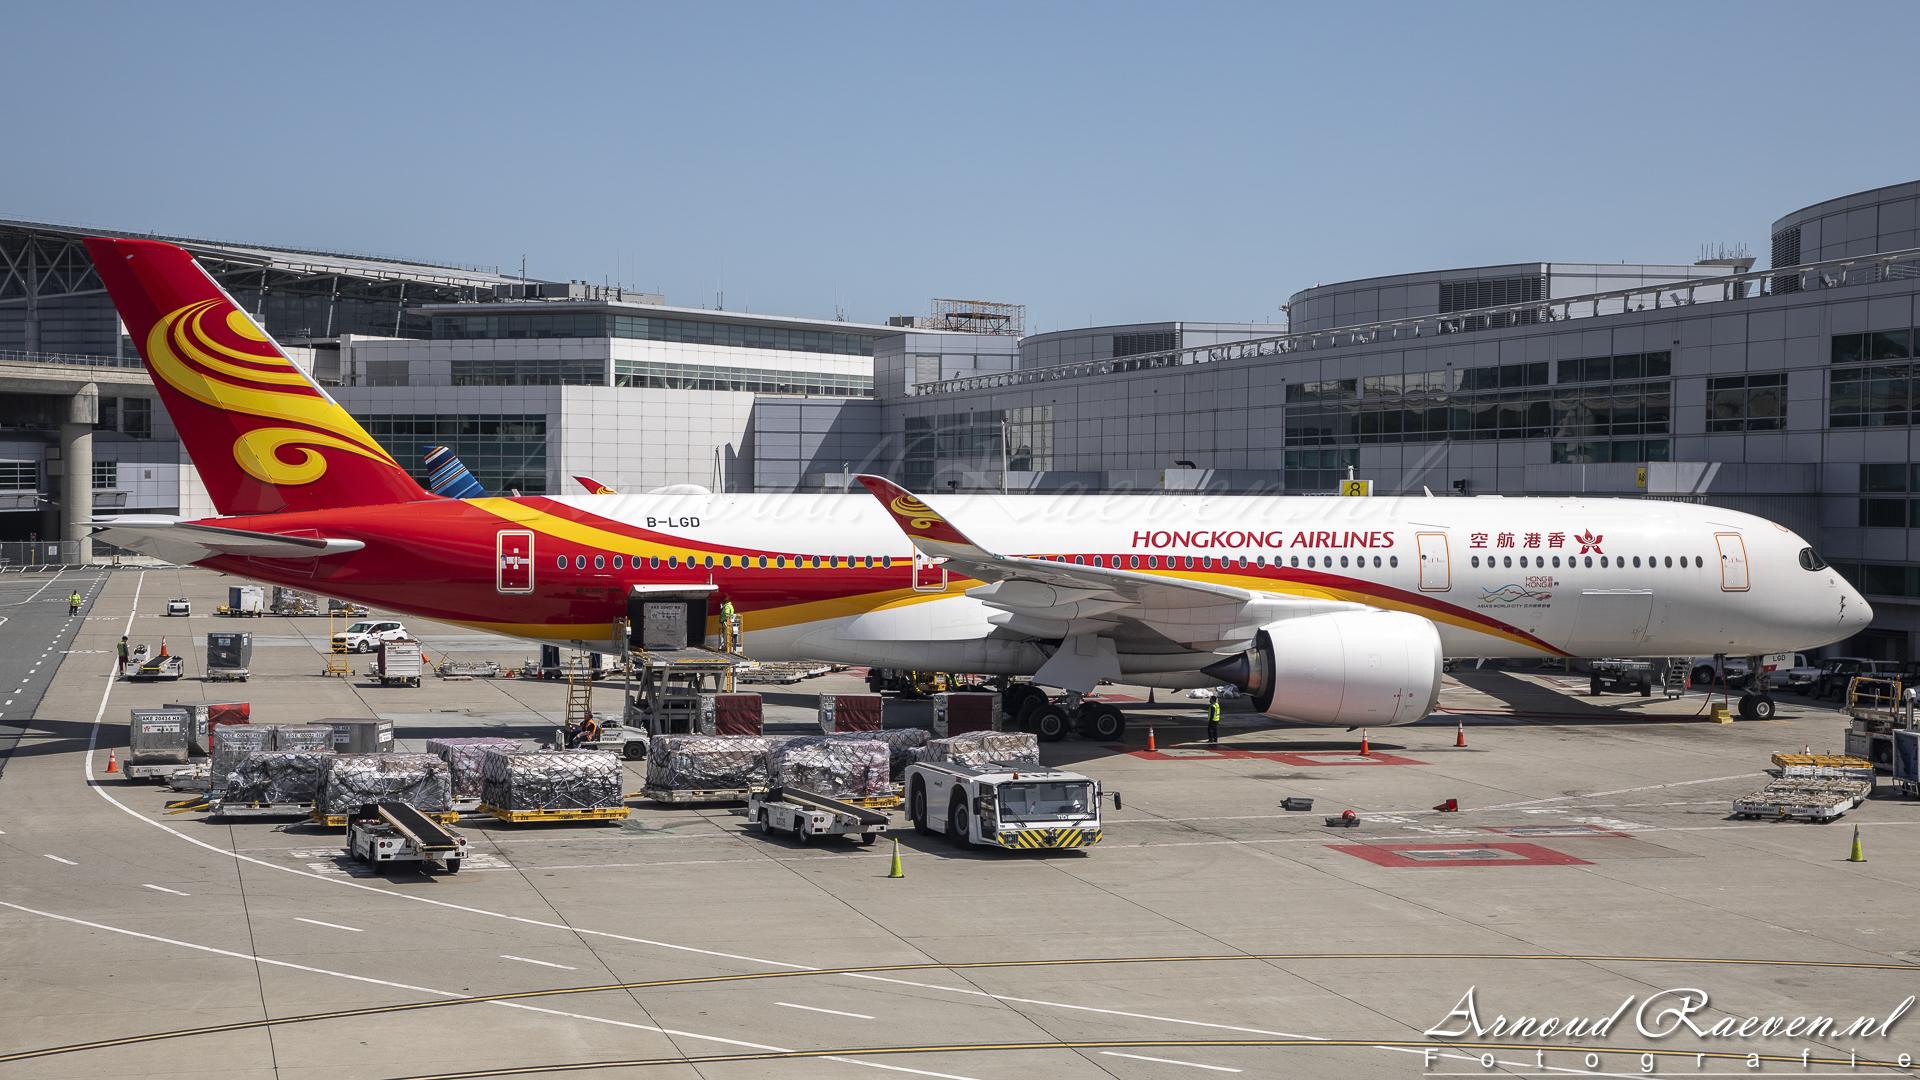 Hongkong Airlines Airbus A350 (B-LGD)